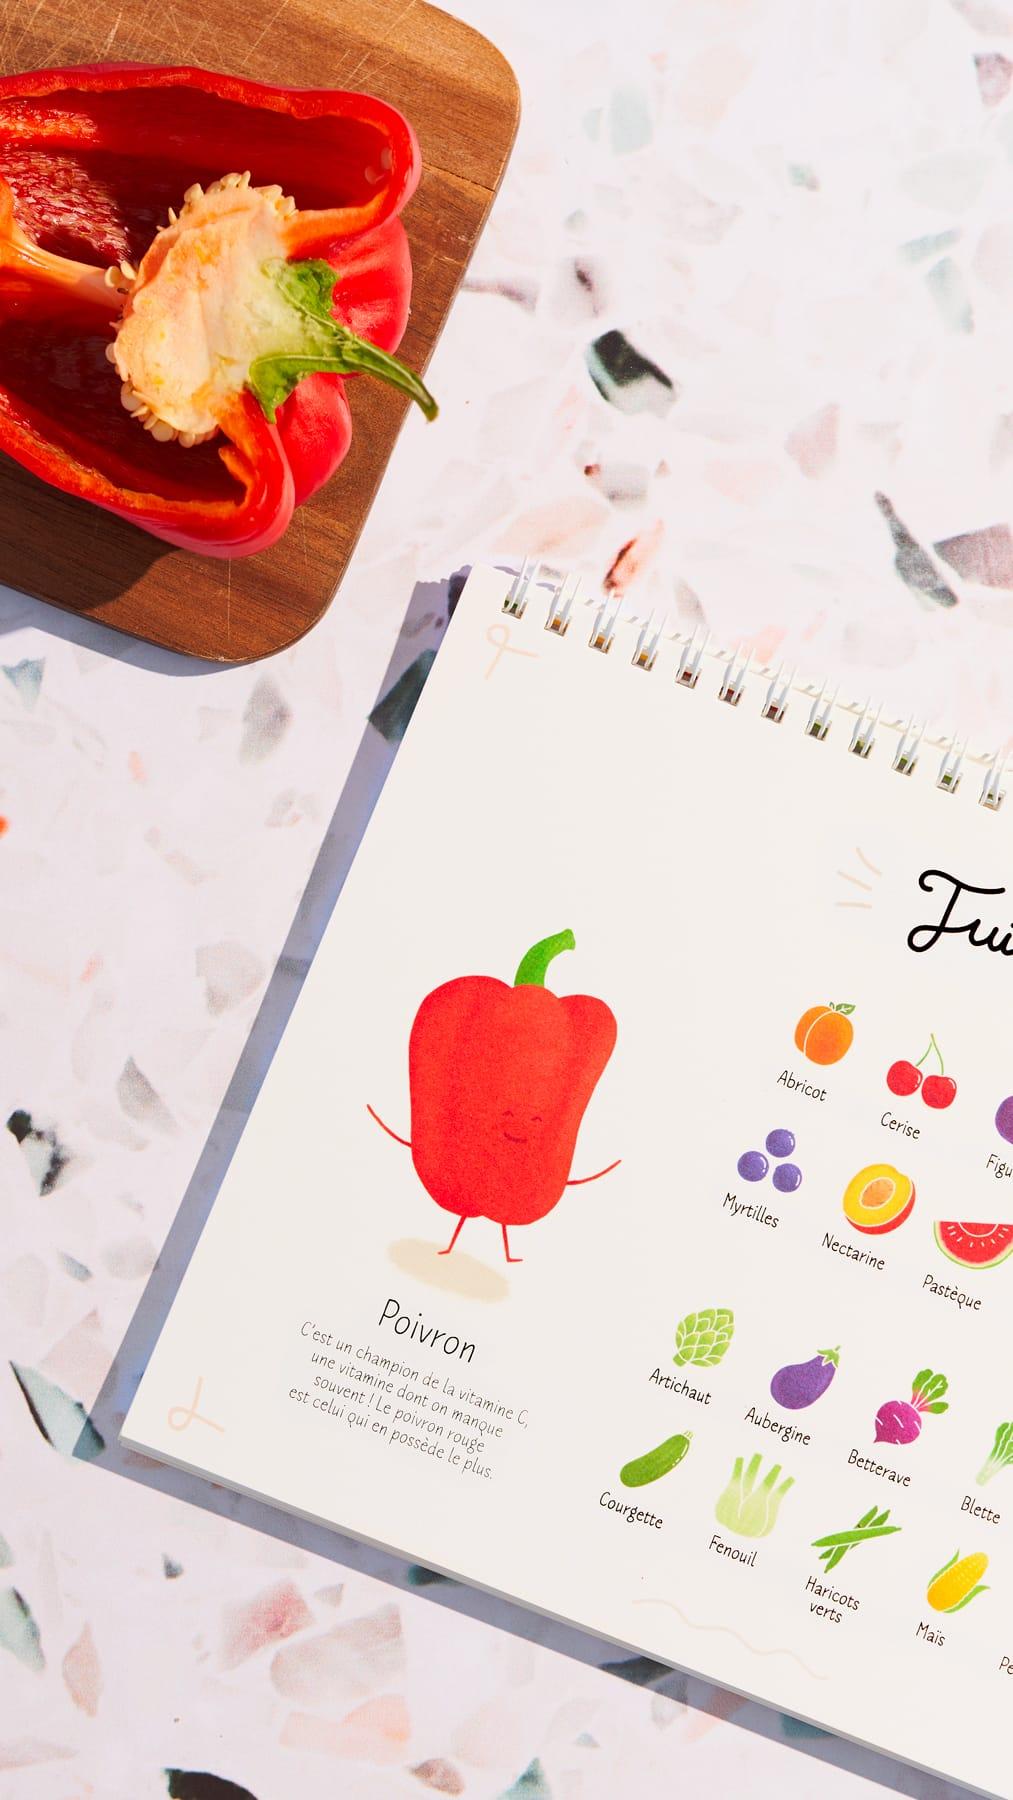 Calendrier Des Legumes.Calendrier Des Fruits Et Legumes De Saison Yuka